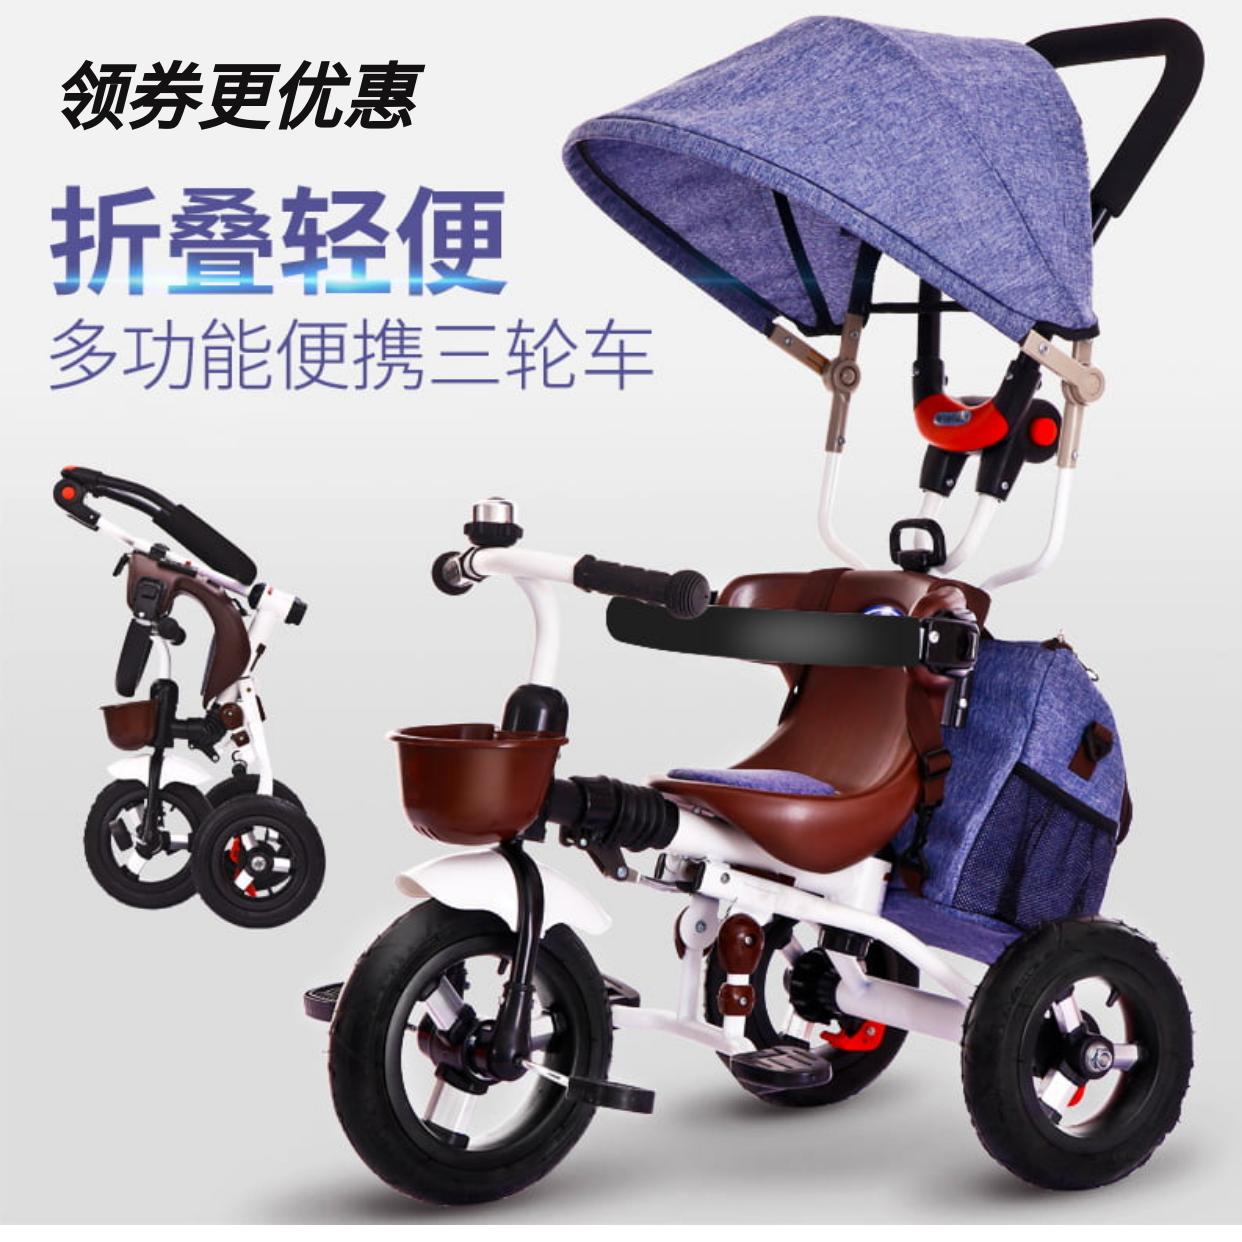 爱德格儿童三轮脚踏车1-3-5岁宝宝婴幼儿童手推车轻便折叠童车